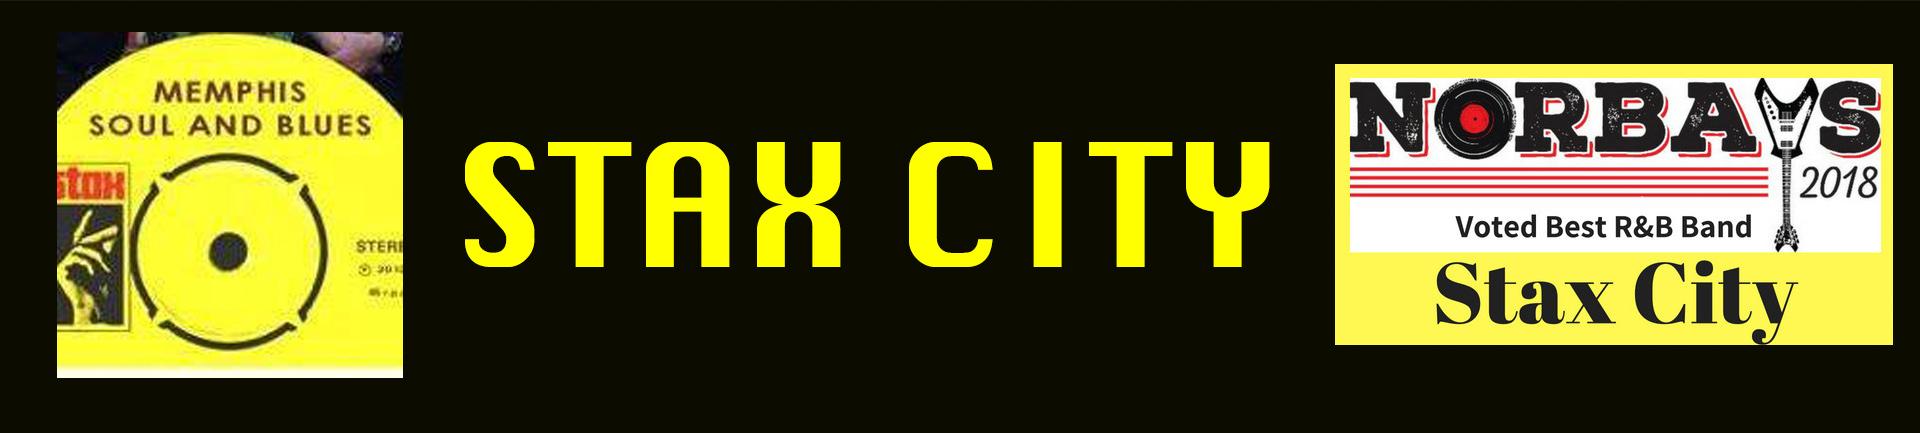 Stax City